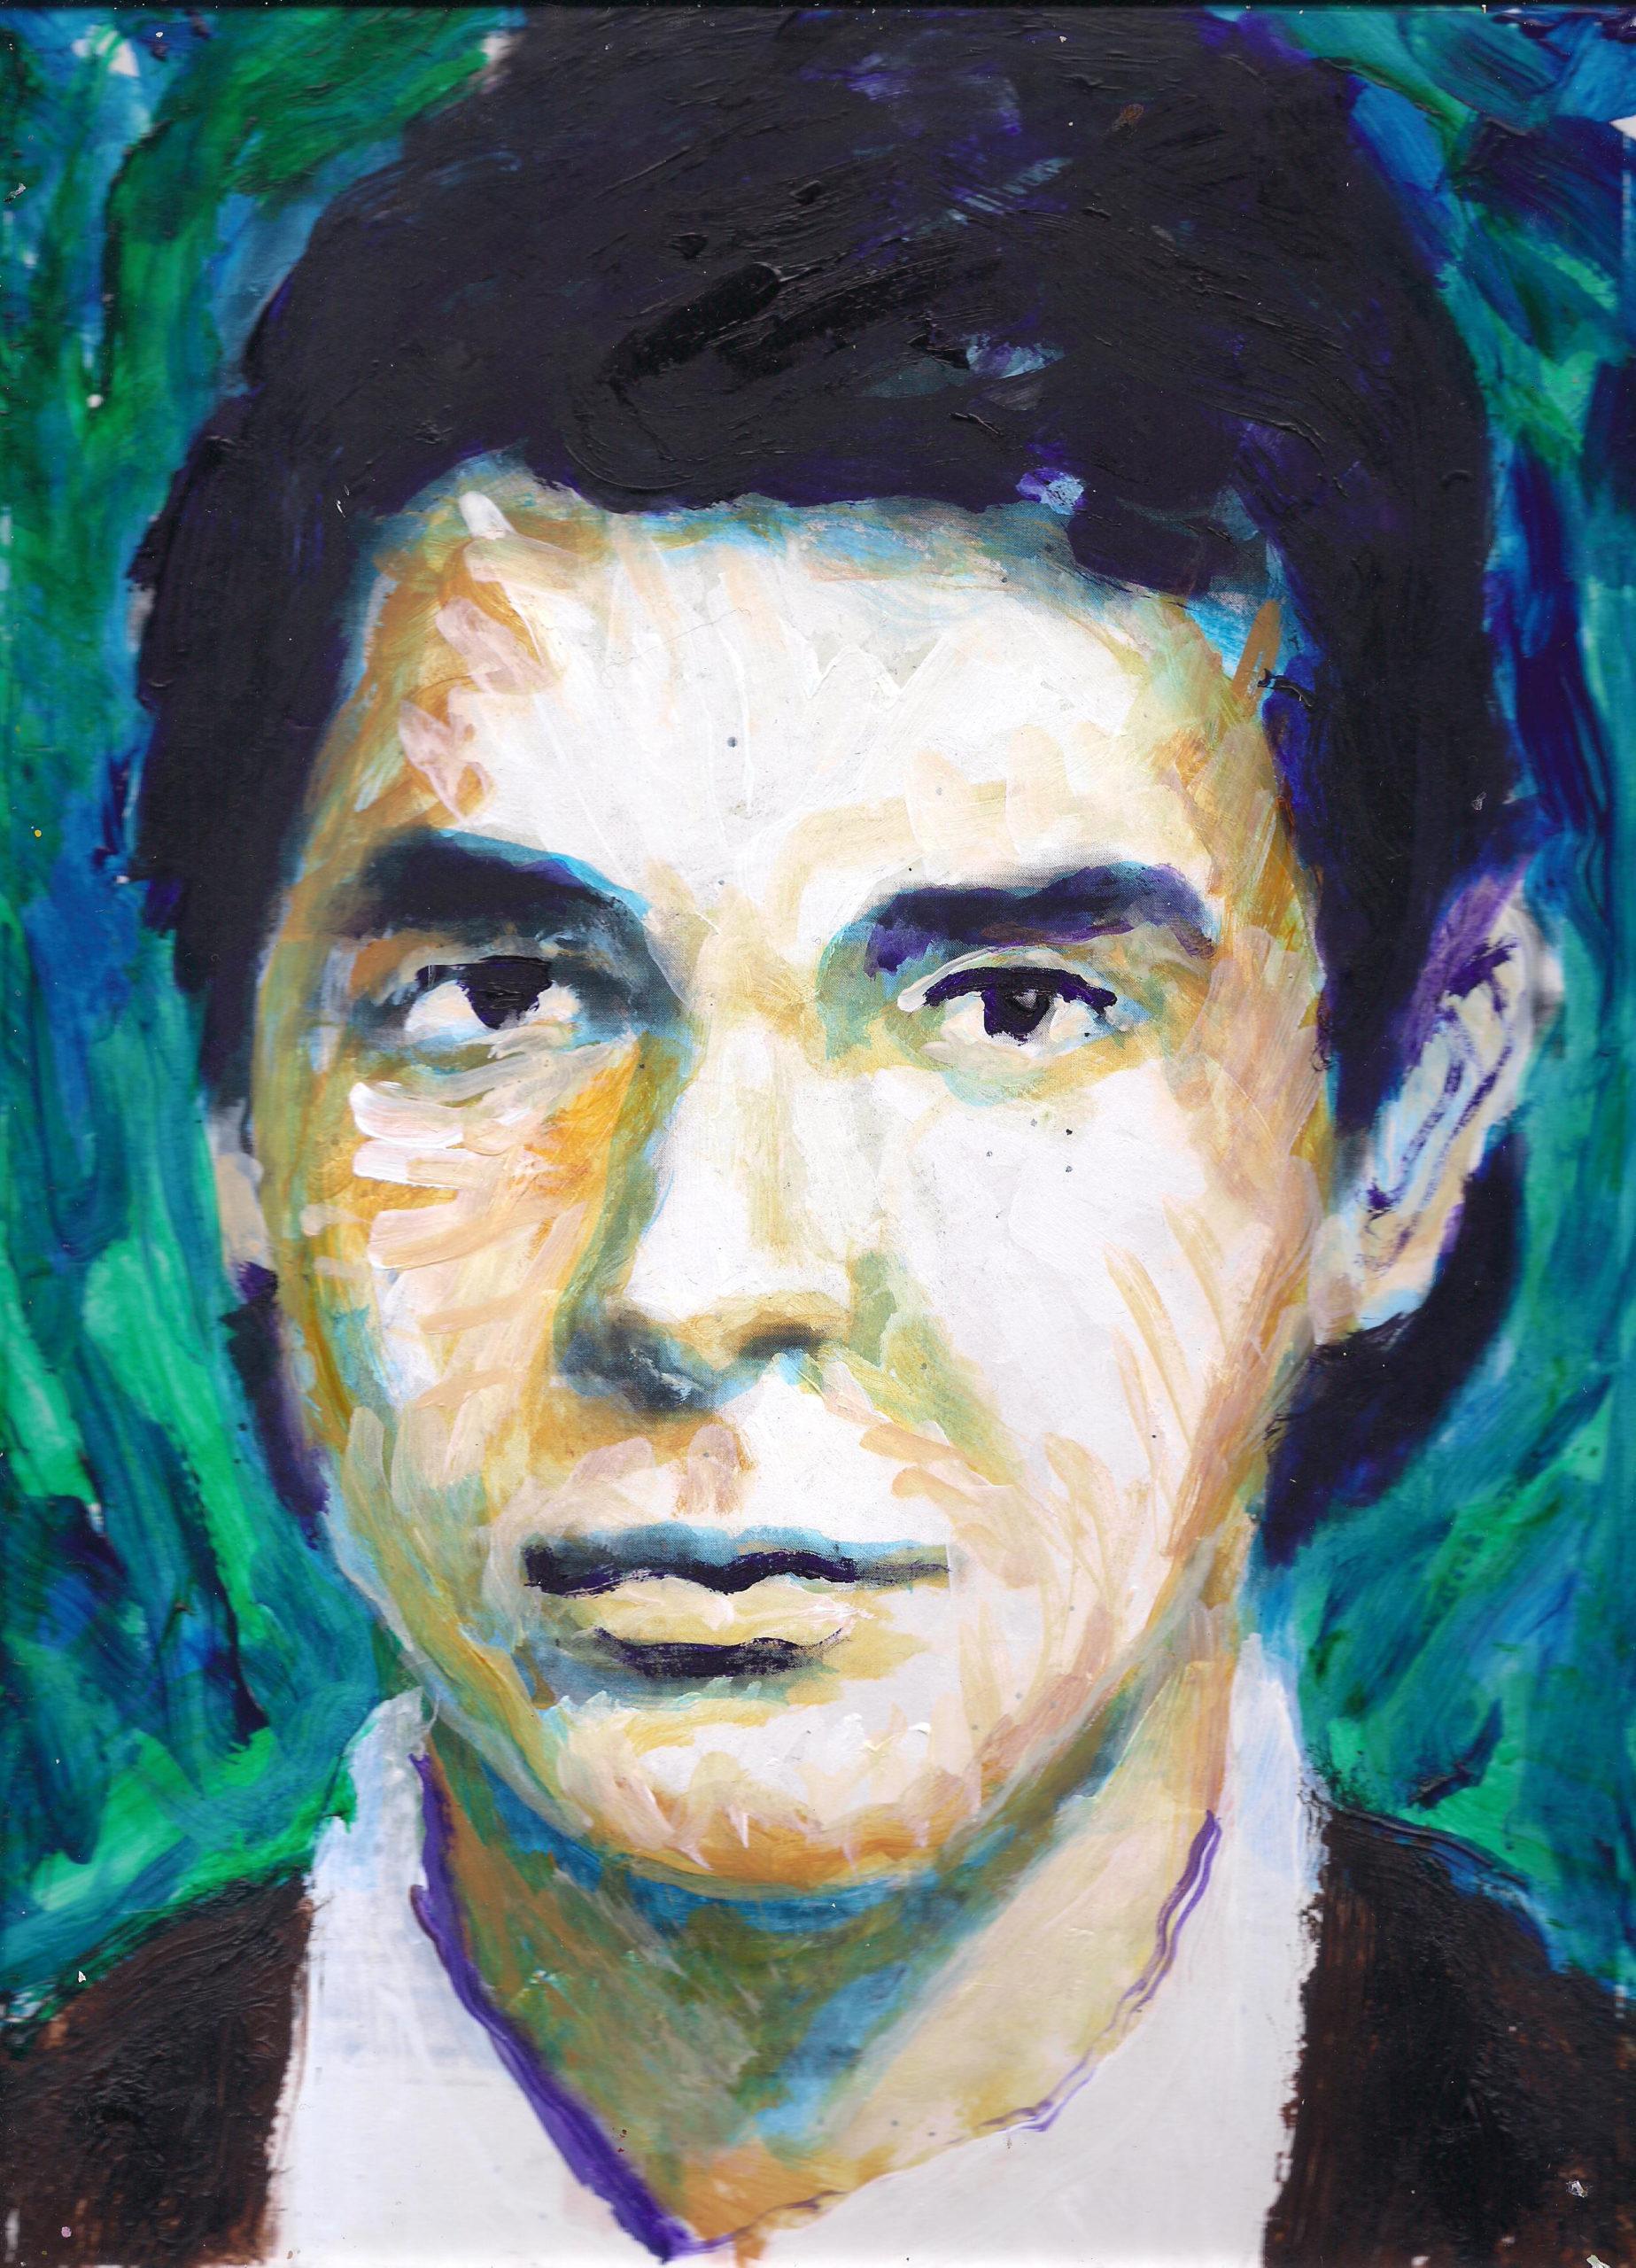 Hector Sarraceno